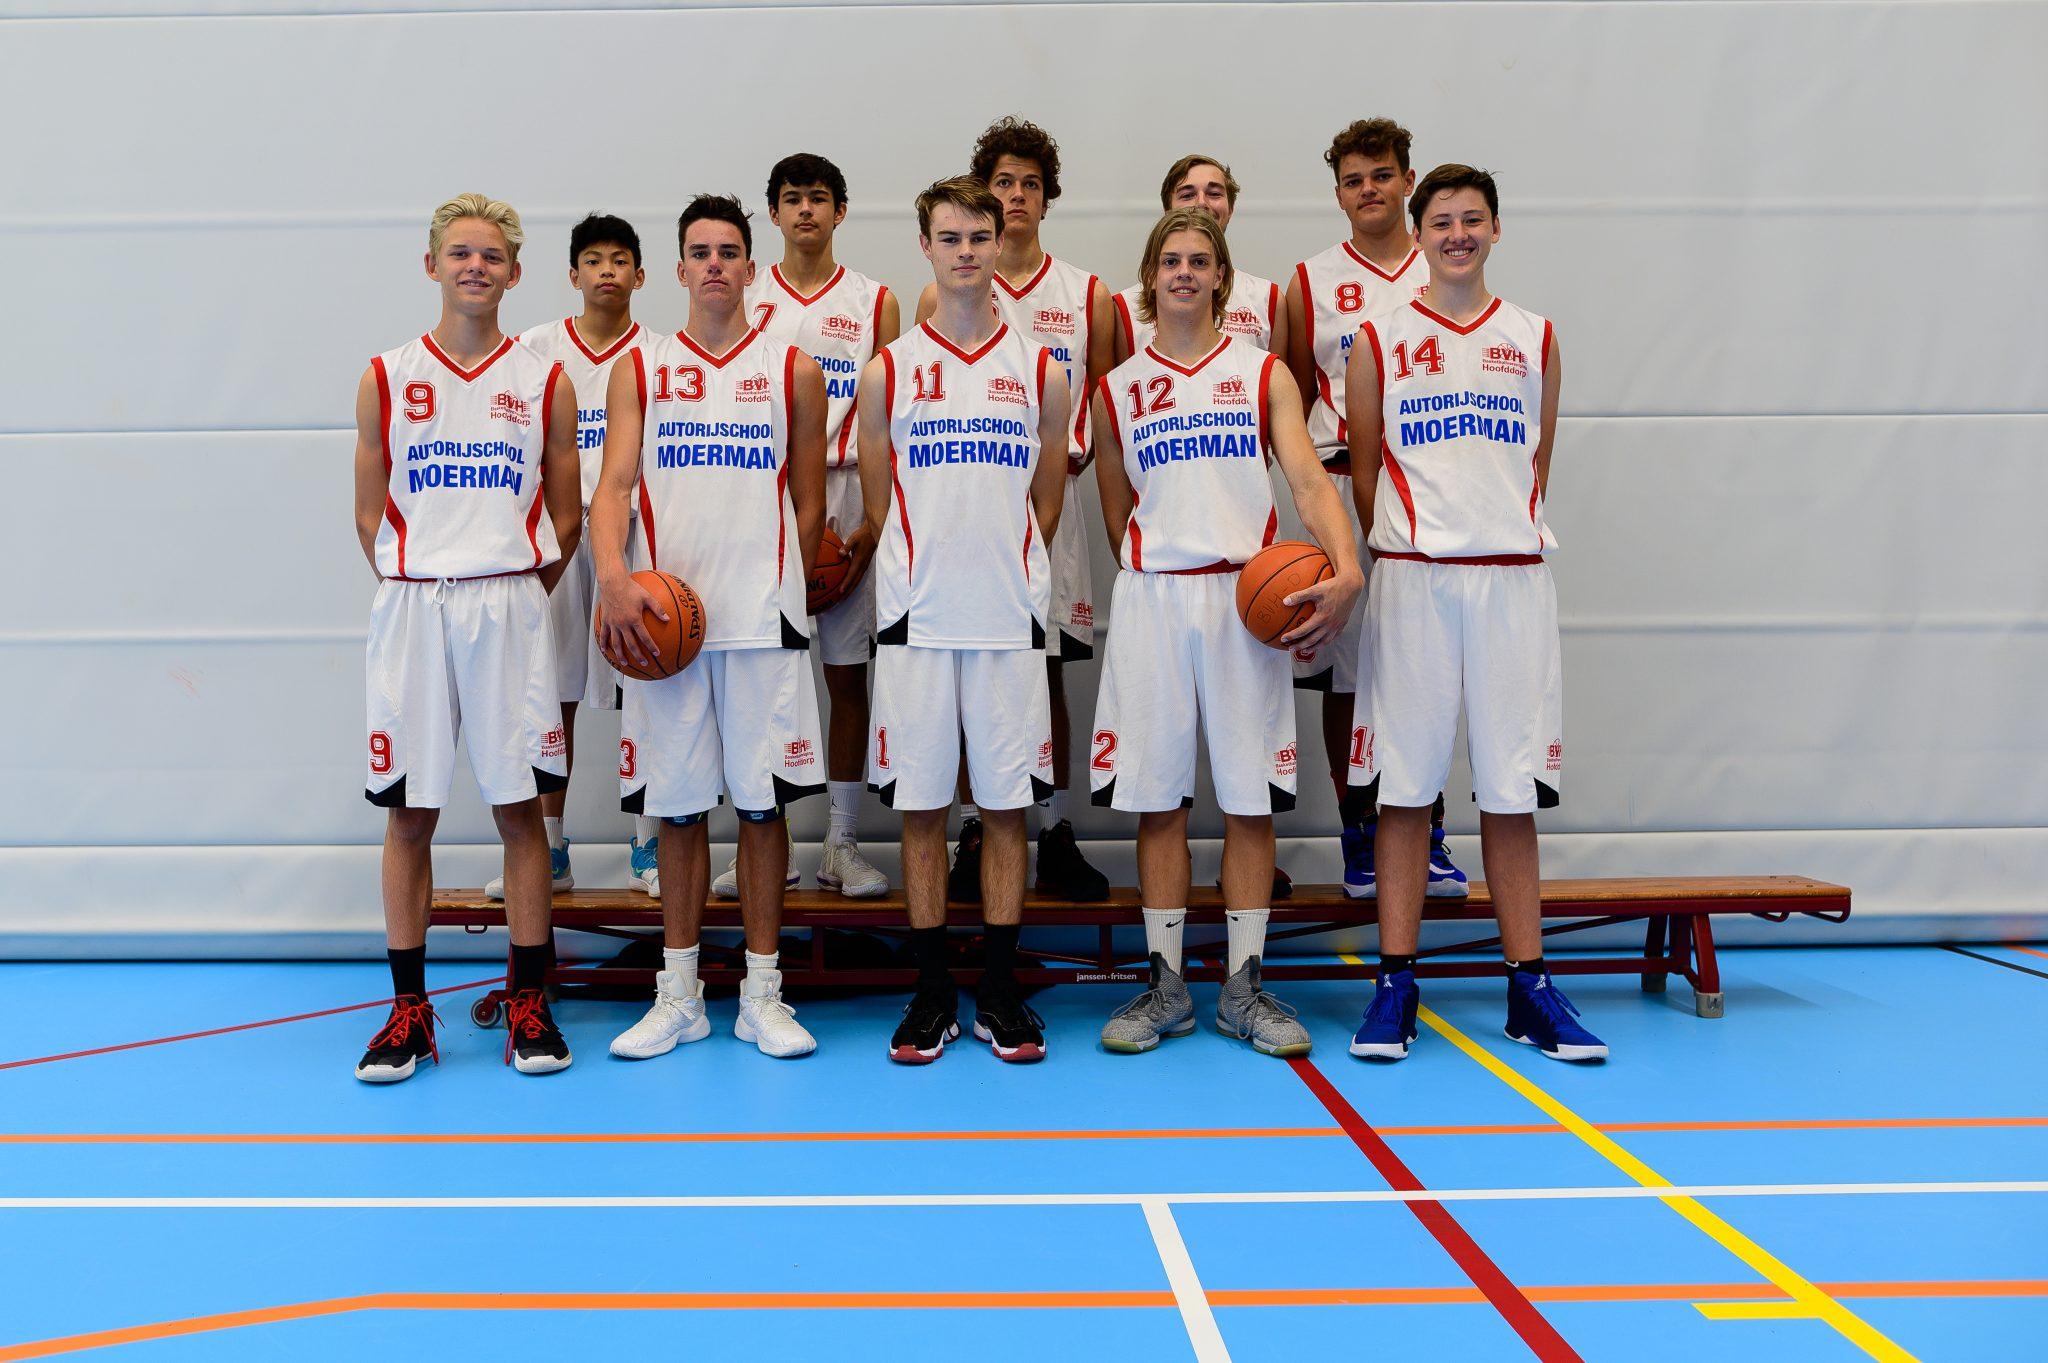 Teamfoto BV Hoofddorp M18 1